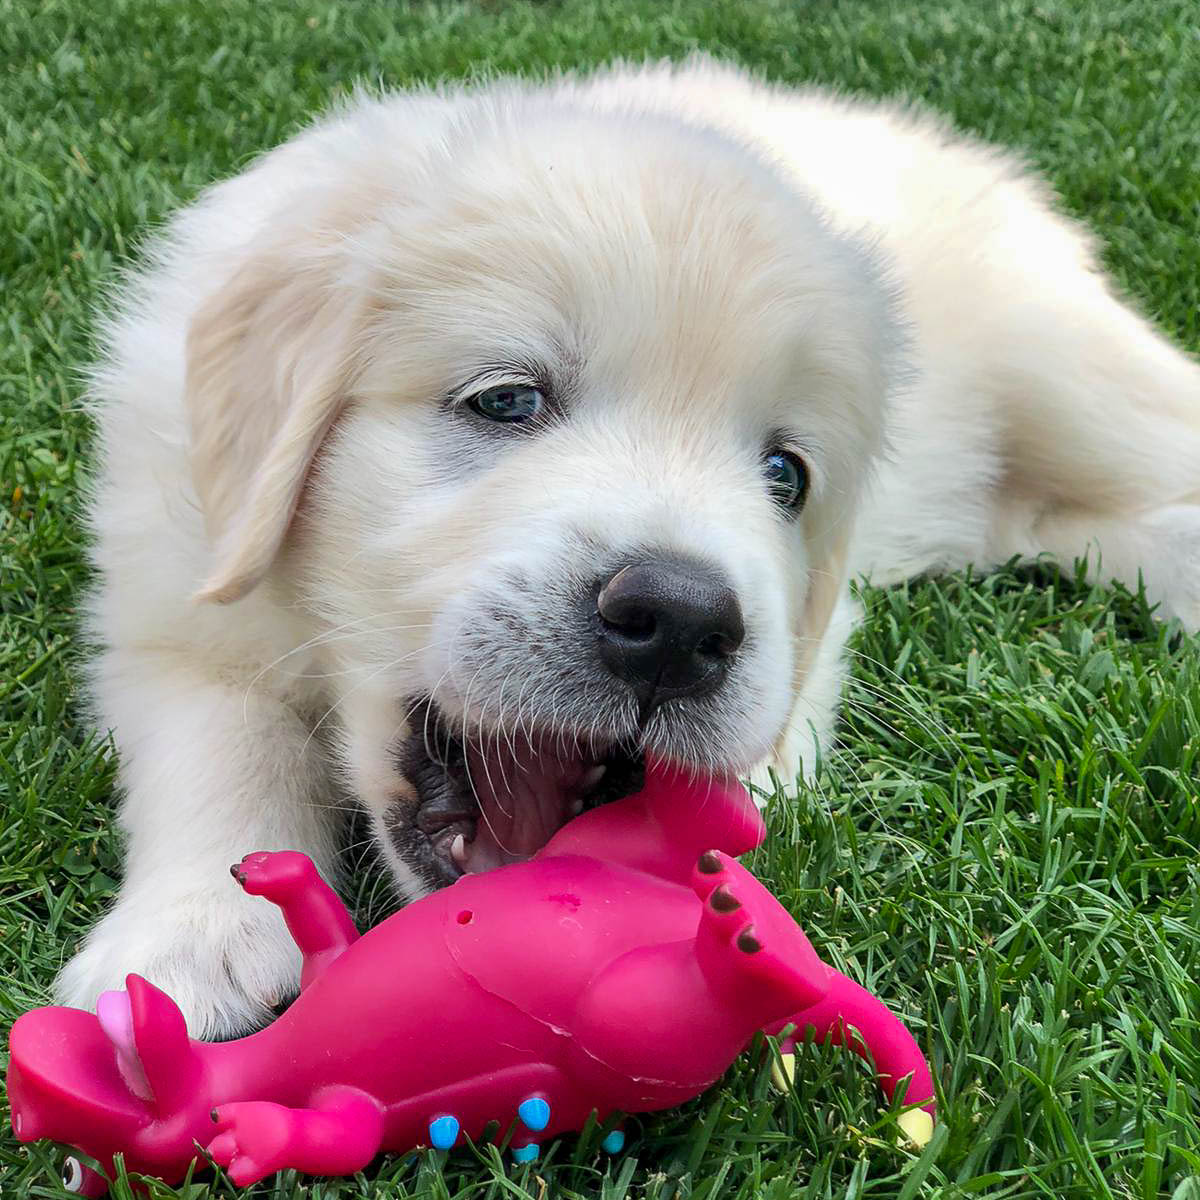 Ein Welpe spielt im Gras mit einem Spielzeug